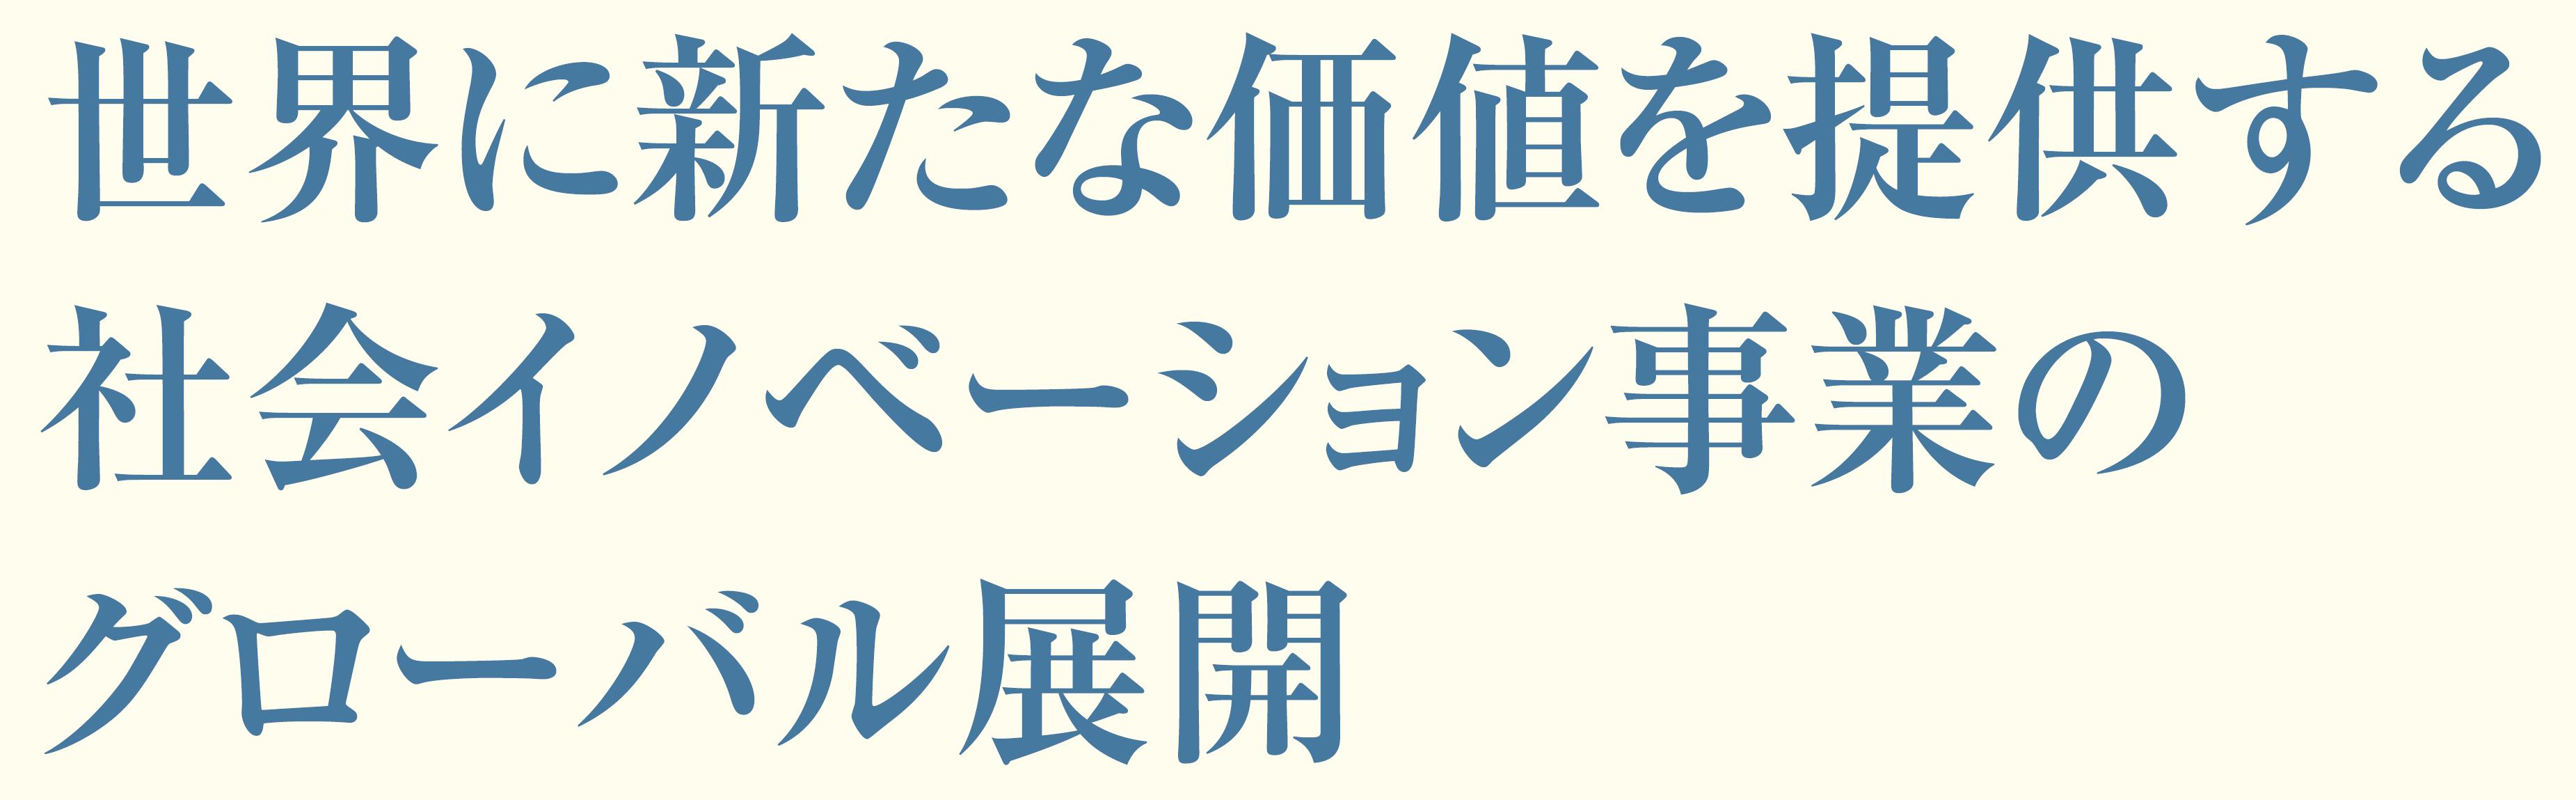 catchcopy_kawamurataidan.png